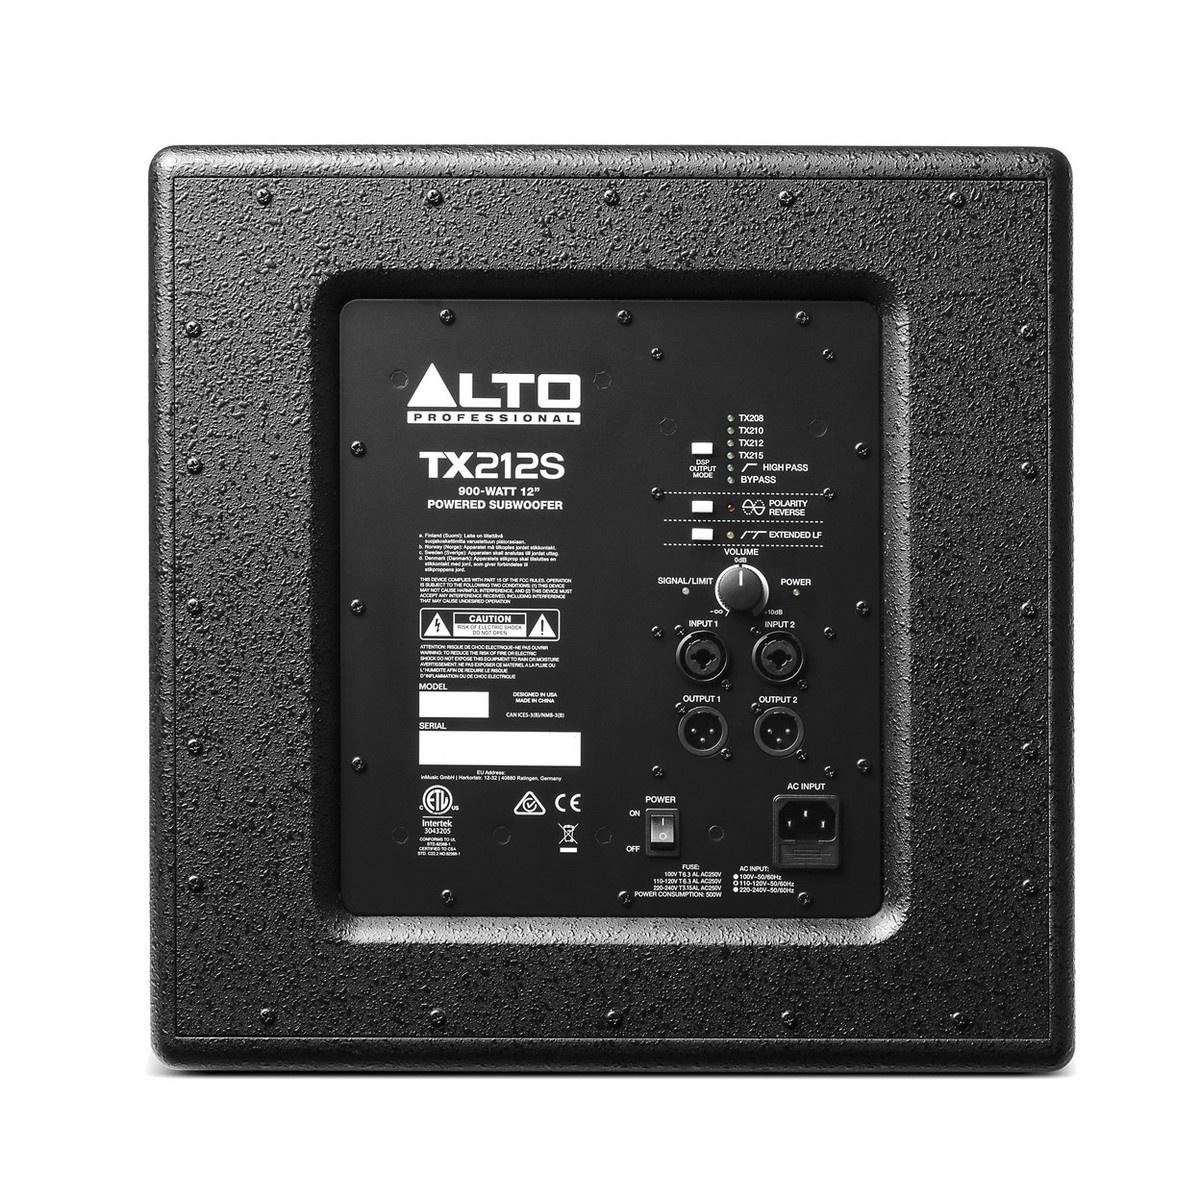 ALTO Alto TX212S Active Subwoofer 900W